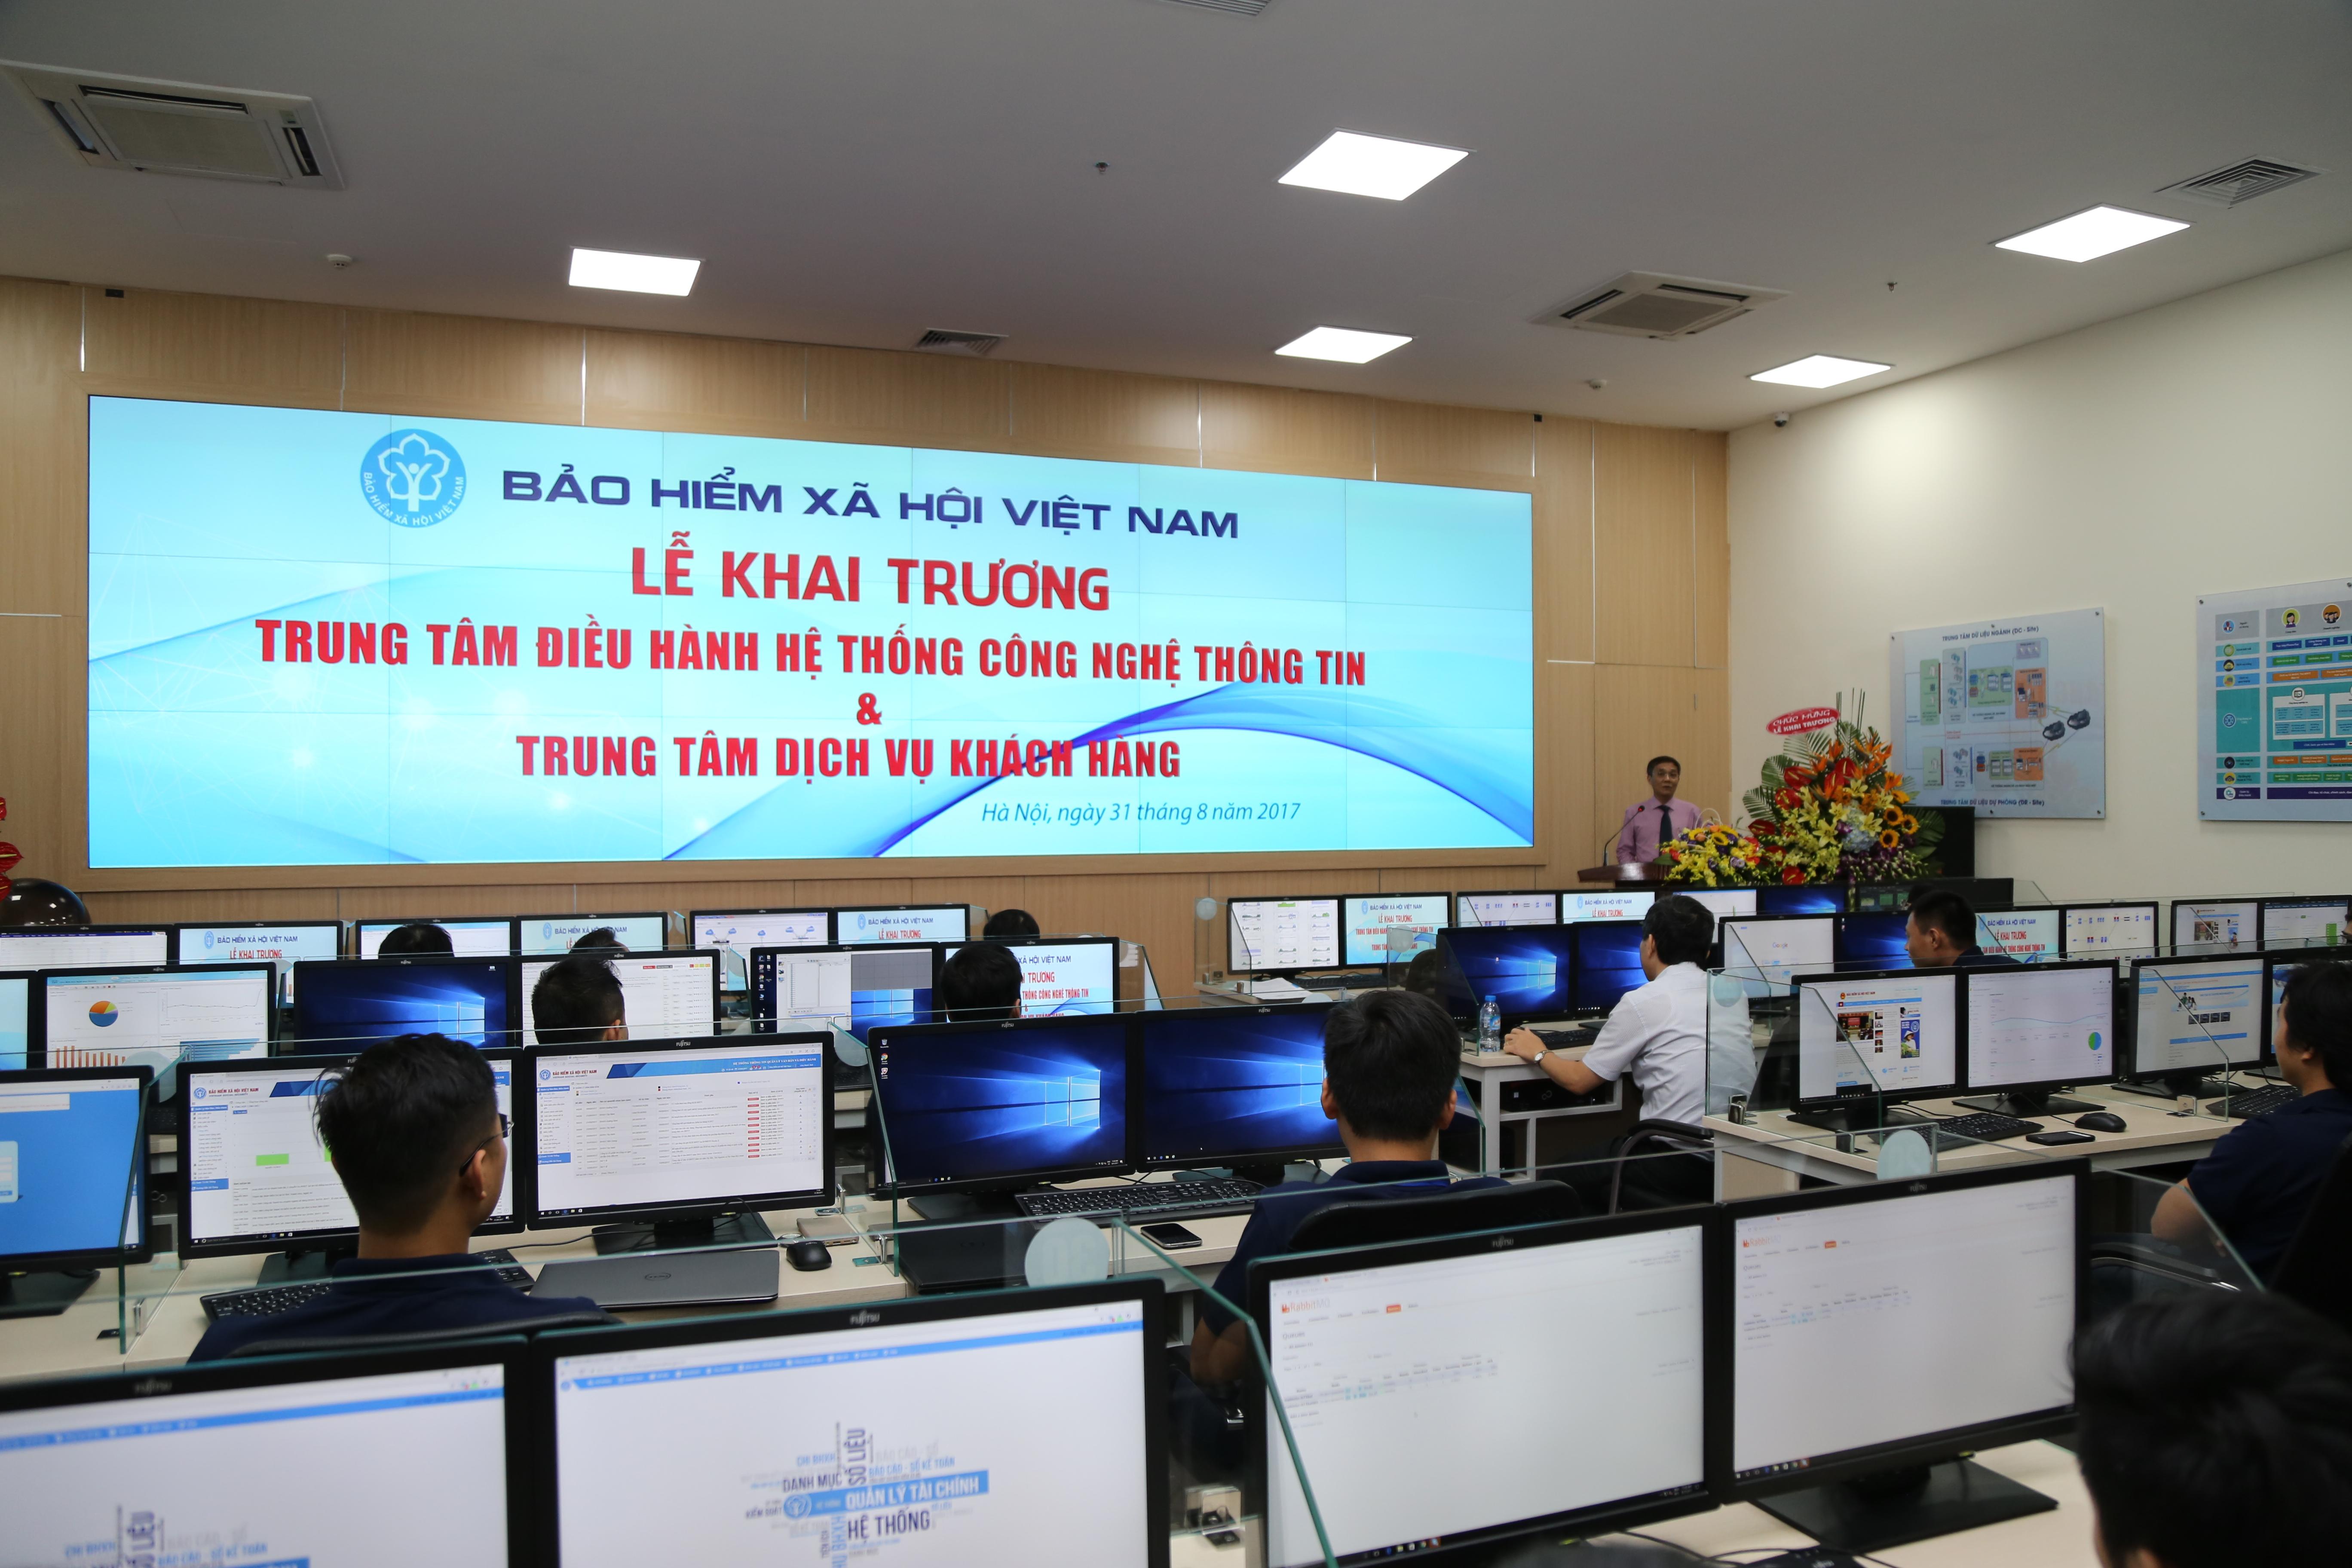 BHXH Việt Nam 3 năm liên tiếp dẫn đầu về ứng dụng CNTT trong các cơ quan thuộc Chính phủ